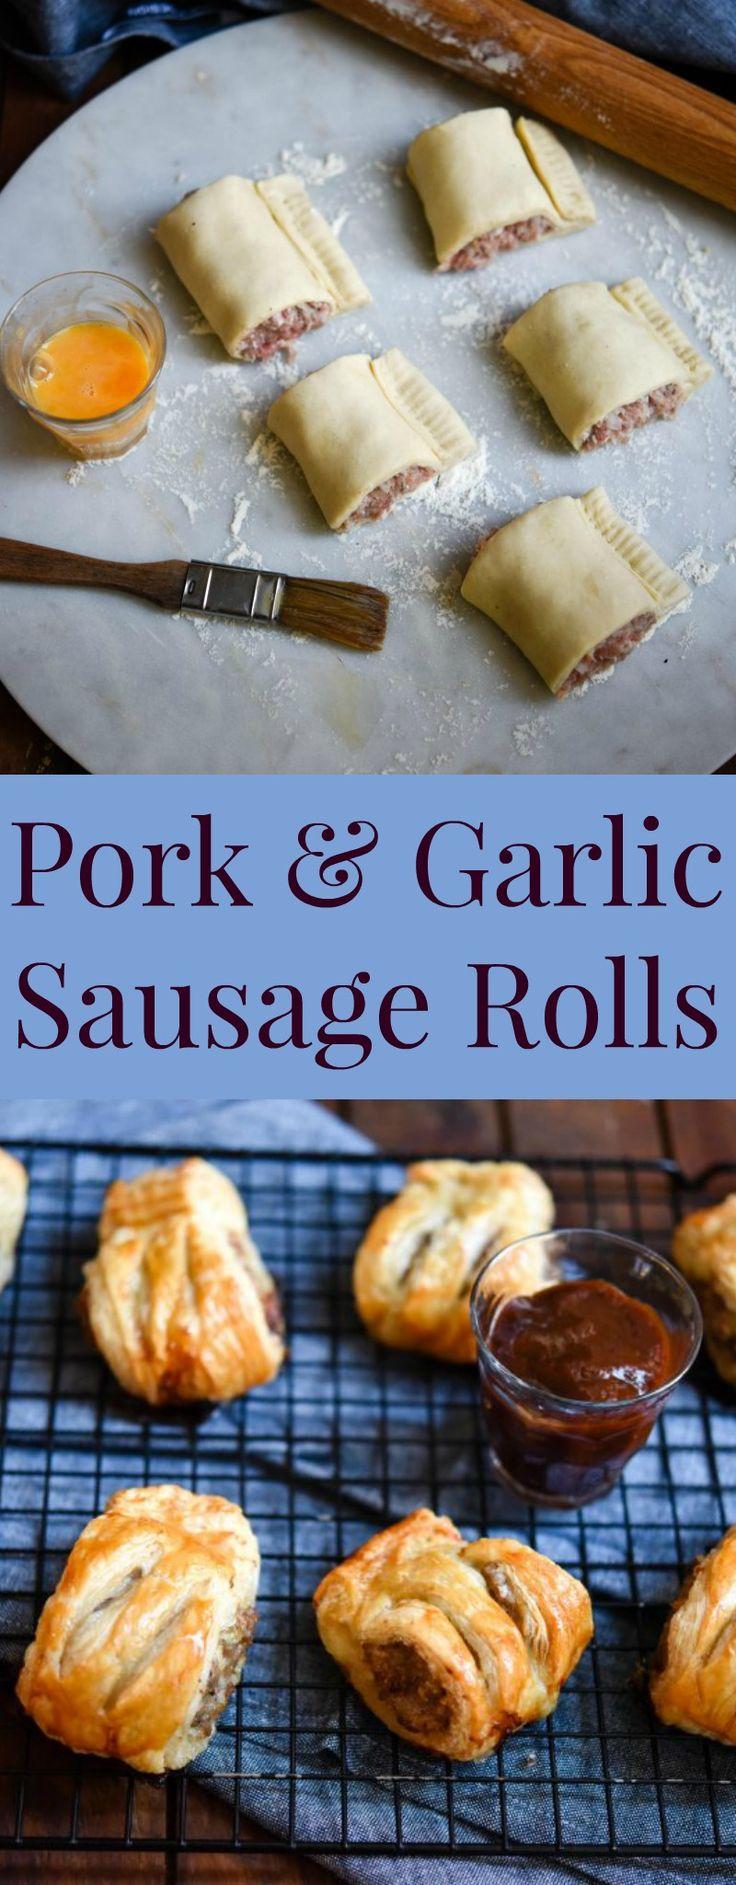 Pork & Garlic Sausage Rolls   Patisserie Makes Perfect